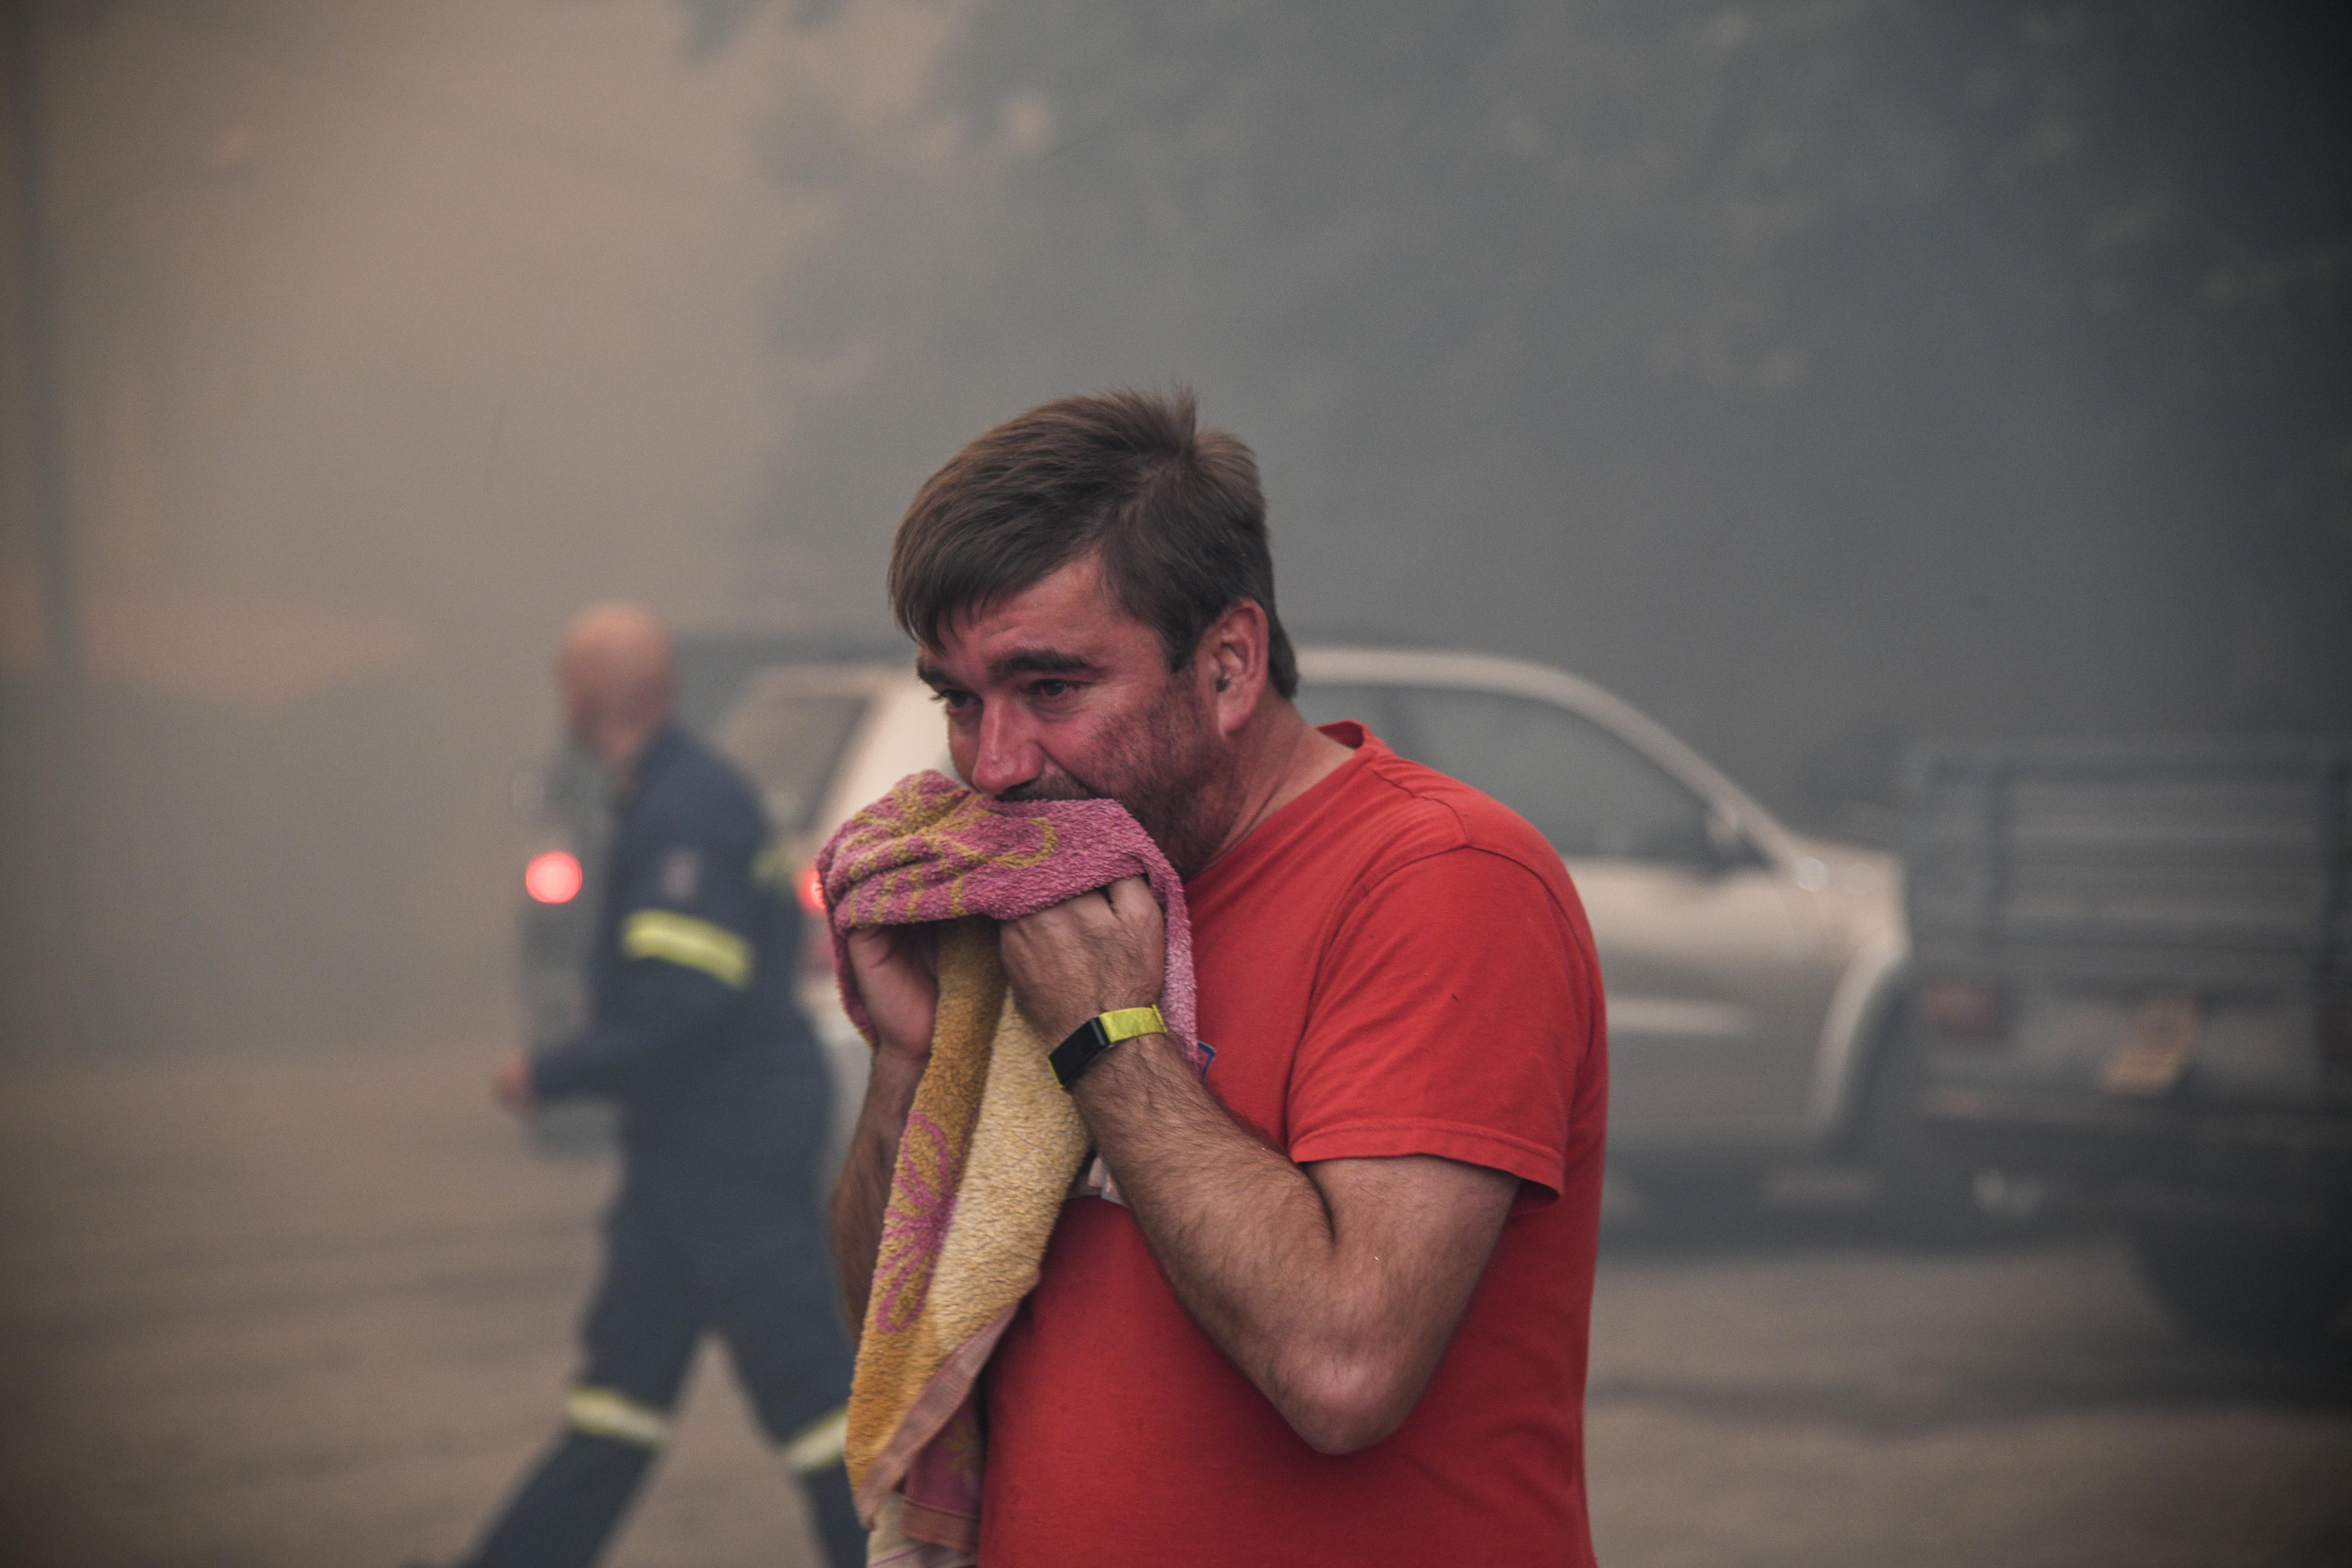 Πνιγμένος από τους καπνούς κάτοικος του χωριού